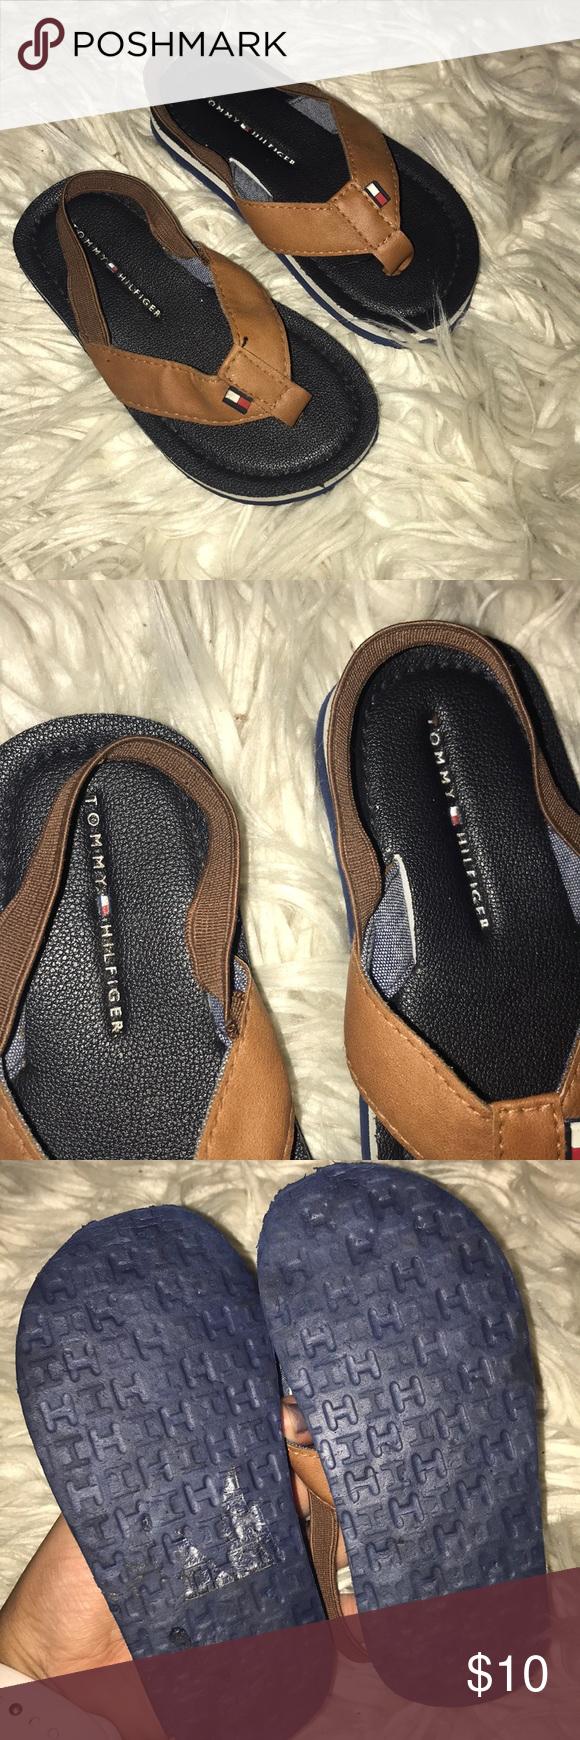 2ea899d24607 TOMMY HILFIGER TODDLER BOY SANDAL EUC Boys 7 8 Tommy Hilfiger Shoes Sandals    Flip Flops